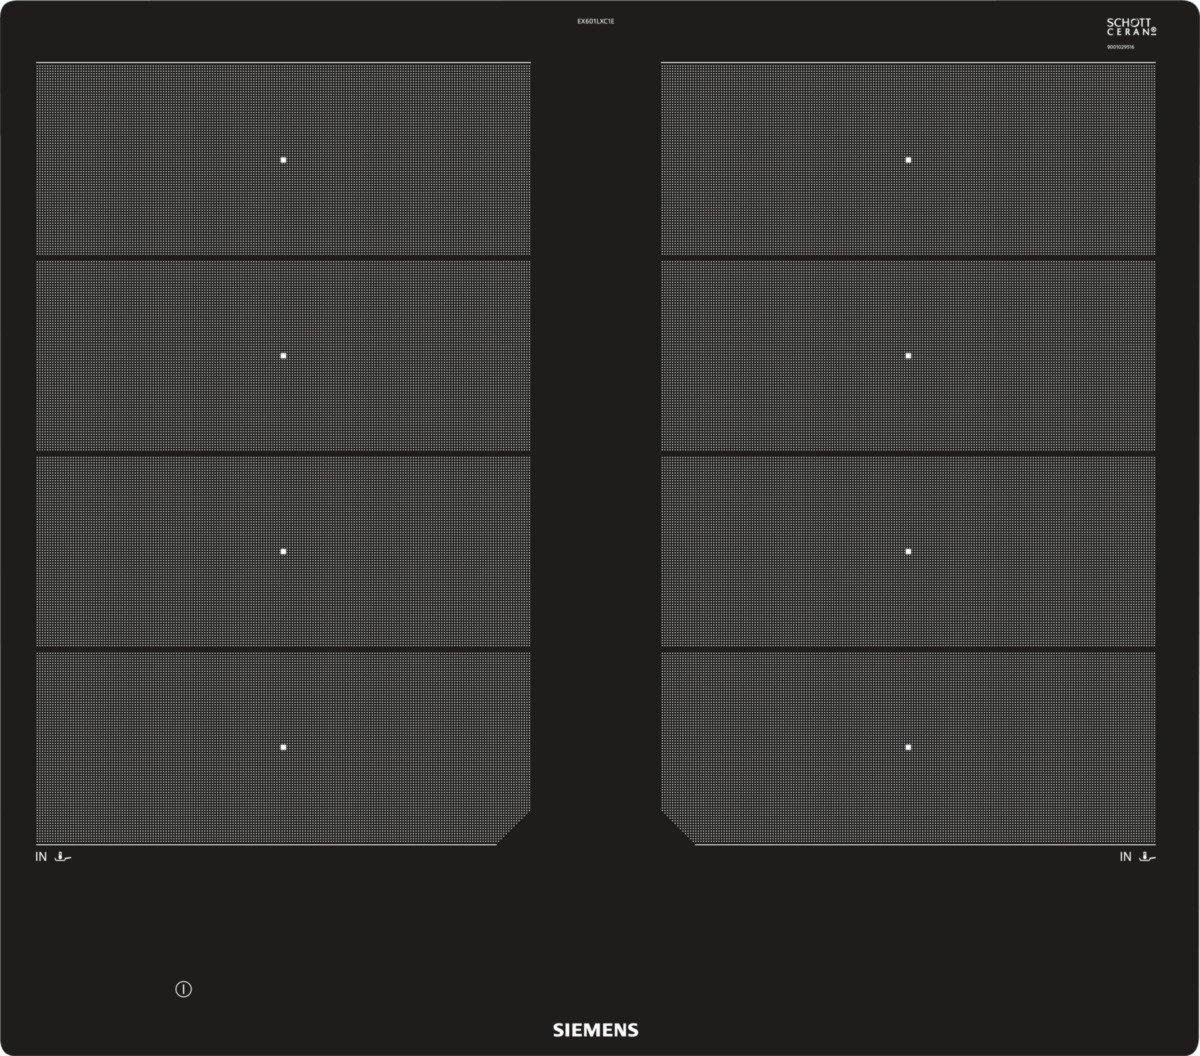 Siemens ex601lxc1e iQ700 hobs eléctrico/vitrocerámica/vidrio y cerámica/57,2 cm/Flexible de zonas – 2 varioinduktions de zonas de cocción/Negro